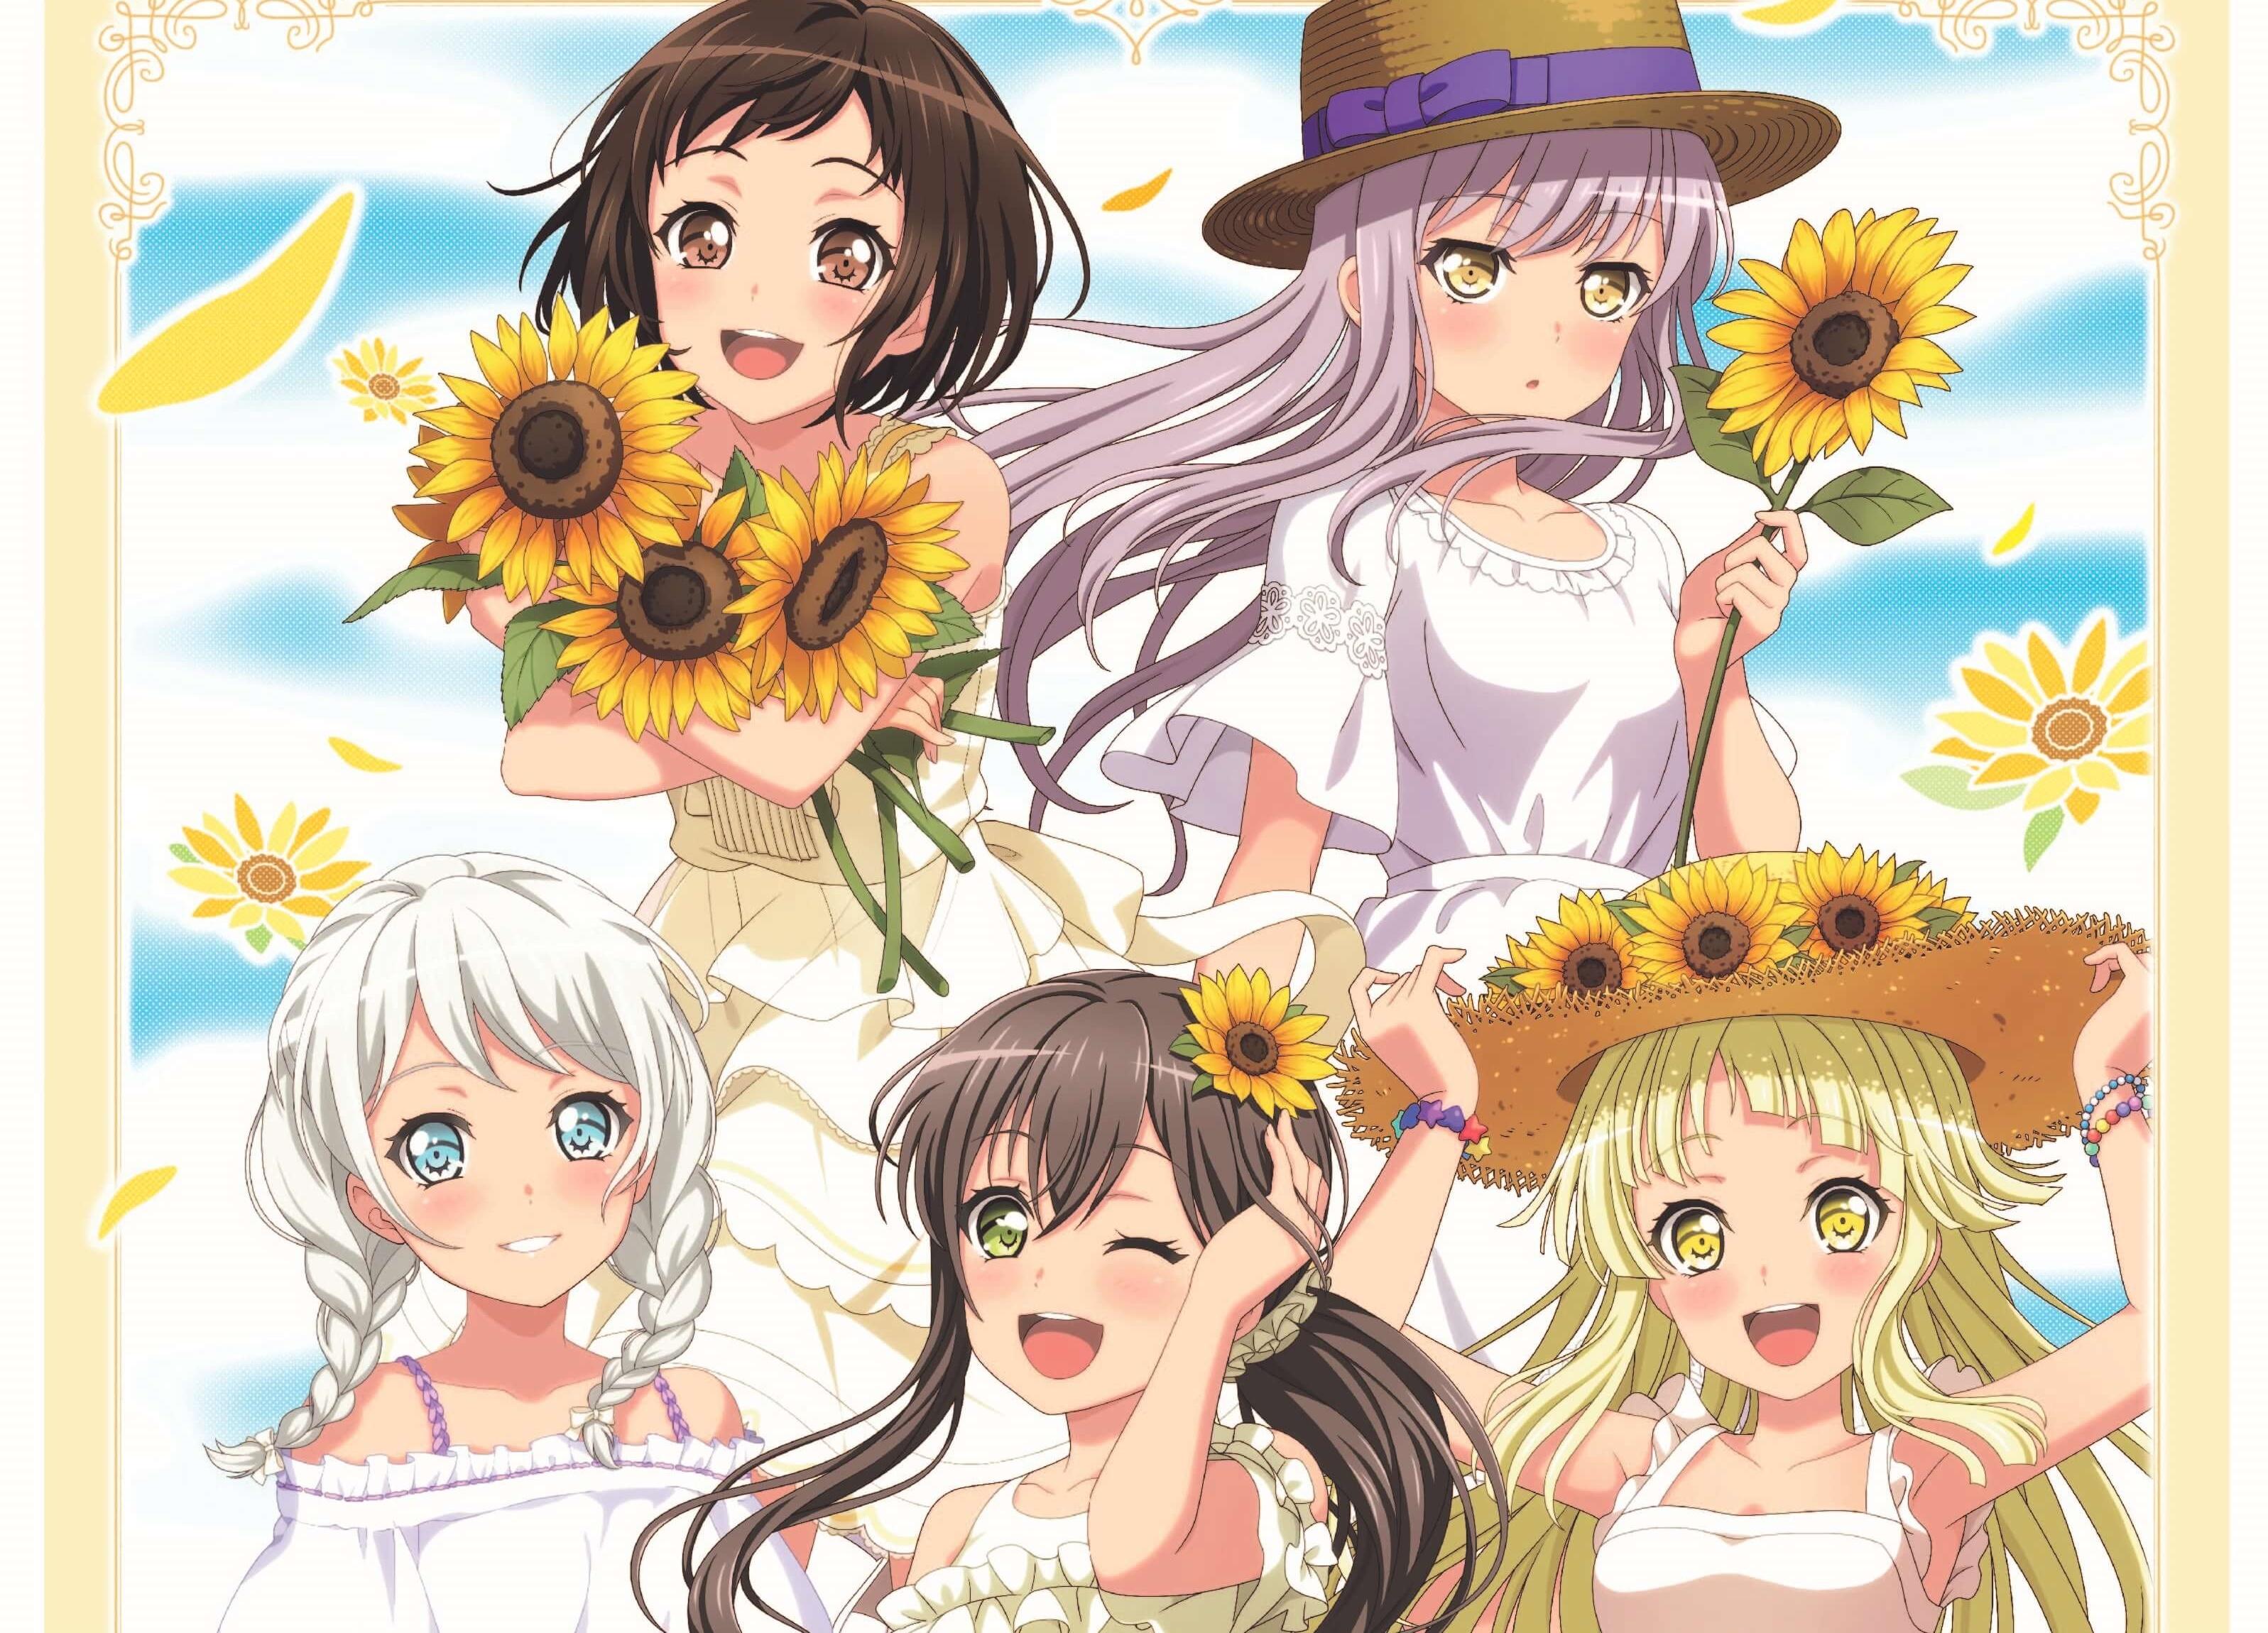 「バンドリ! ガールズバンドパーティ!~2019 Summer~ in渋谷マルイ」が開催決定